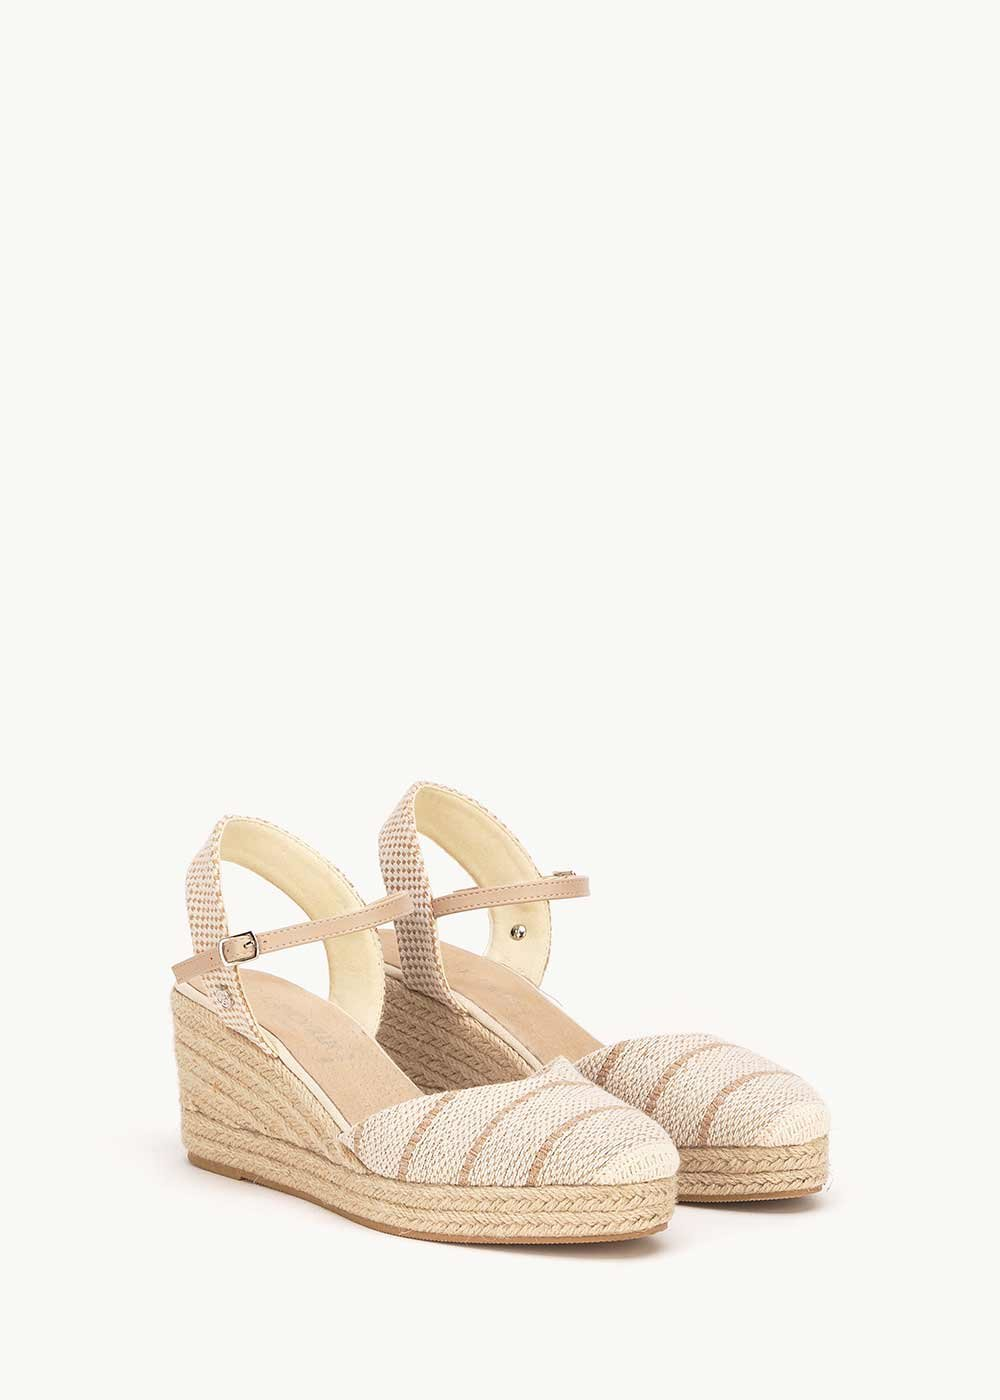 Stacy espadrille model sandal - Light Beige - Woman